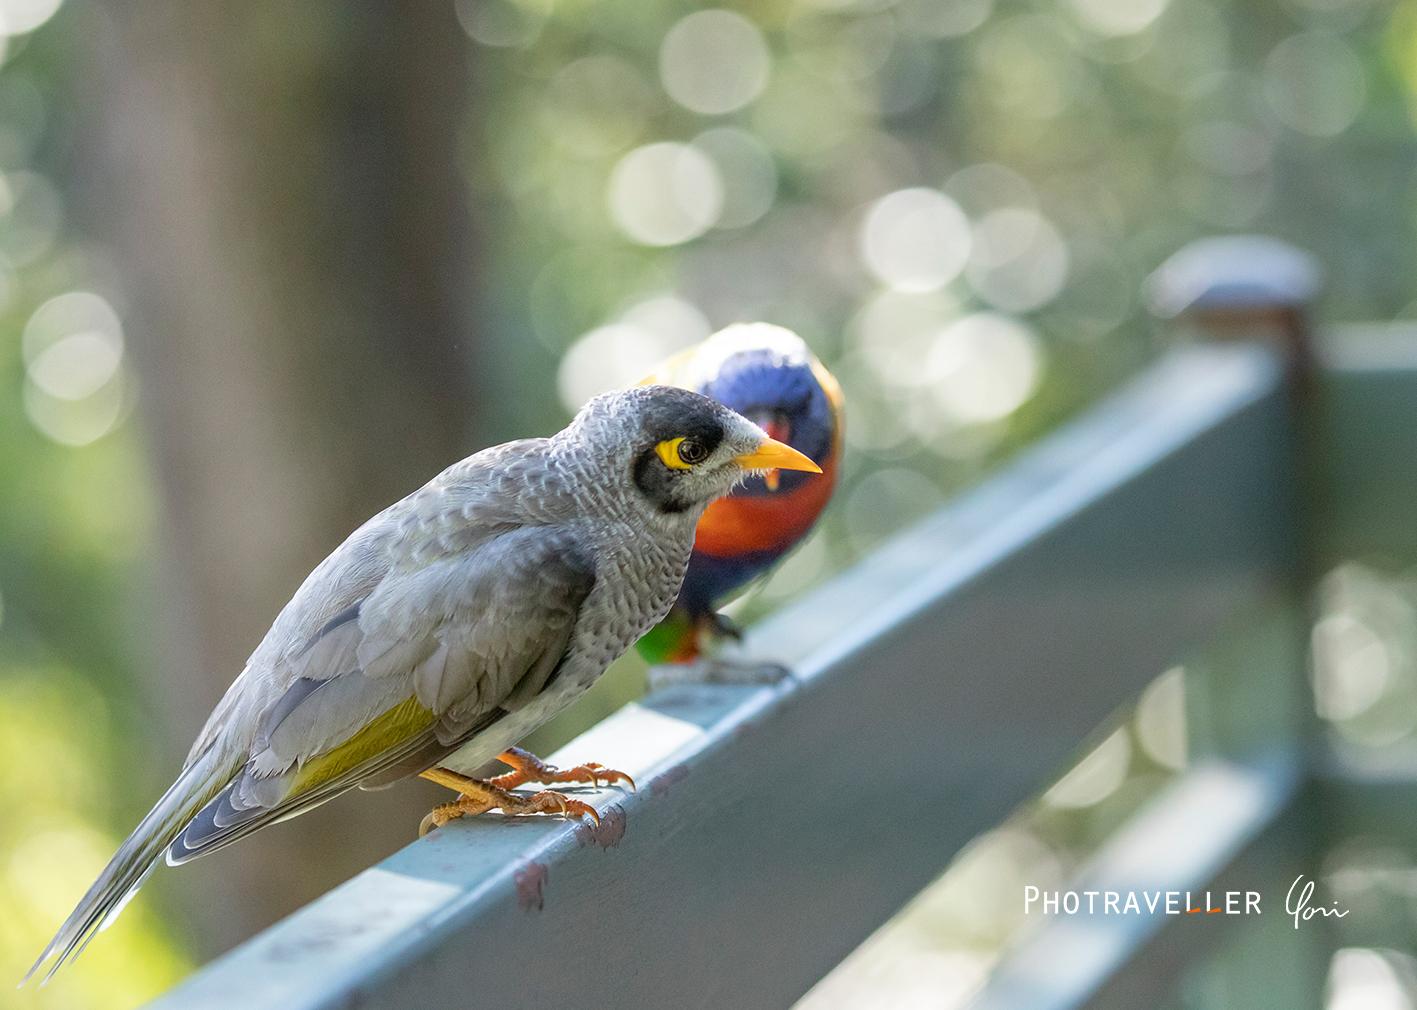 ノイジーマイナ クロガシラミツスイ オーストラリアの野鳥